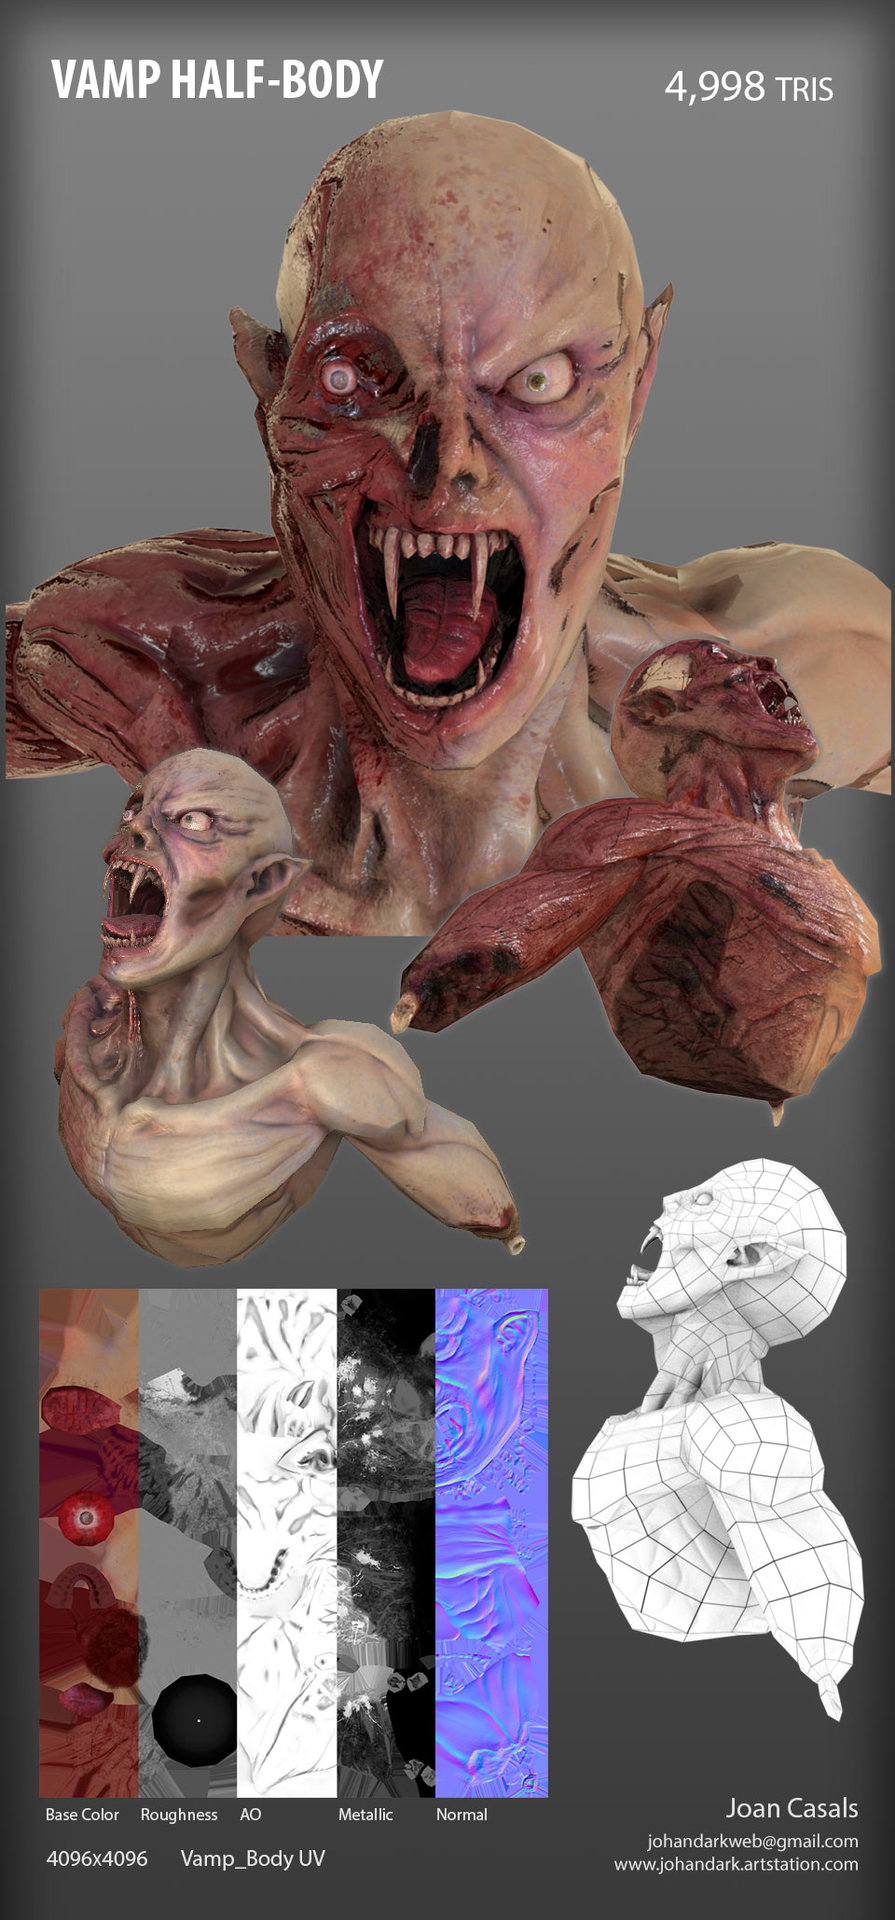 Joan casals vamp body vision